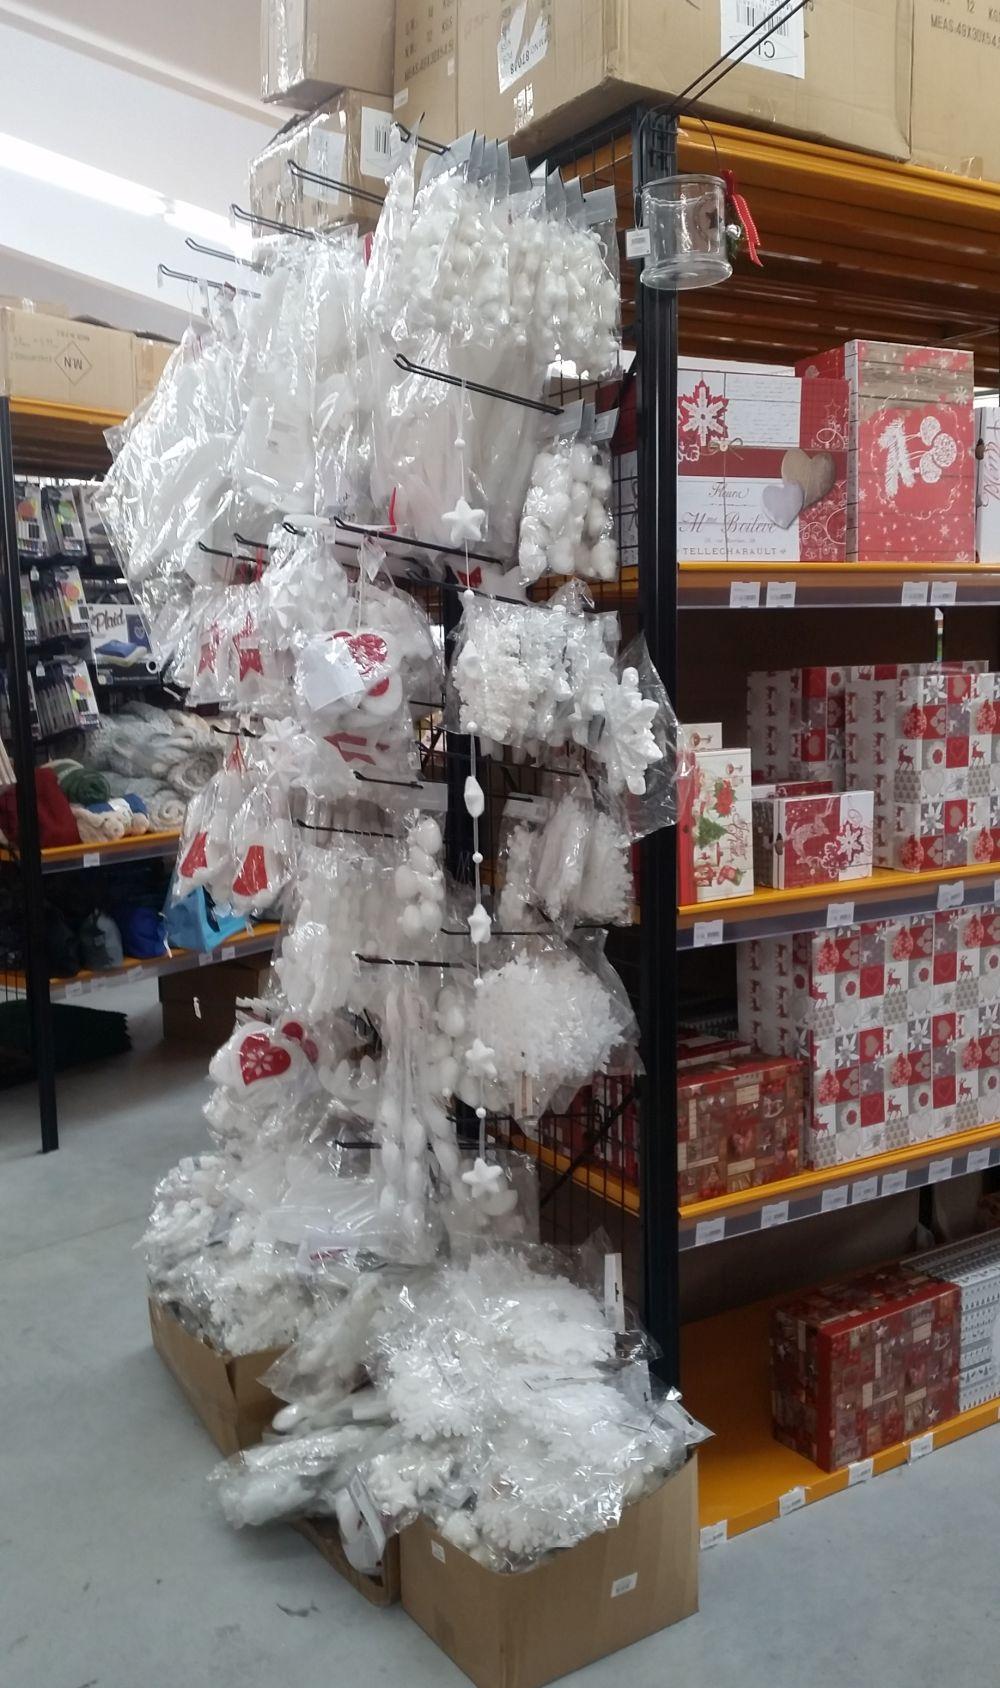 adelaparvu-com-despre-magazin-de-decoratiuni-si-obiecte-de-uz-casnic-da-moreno-53